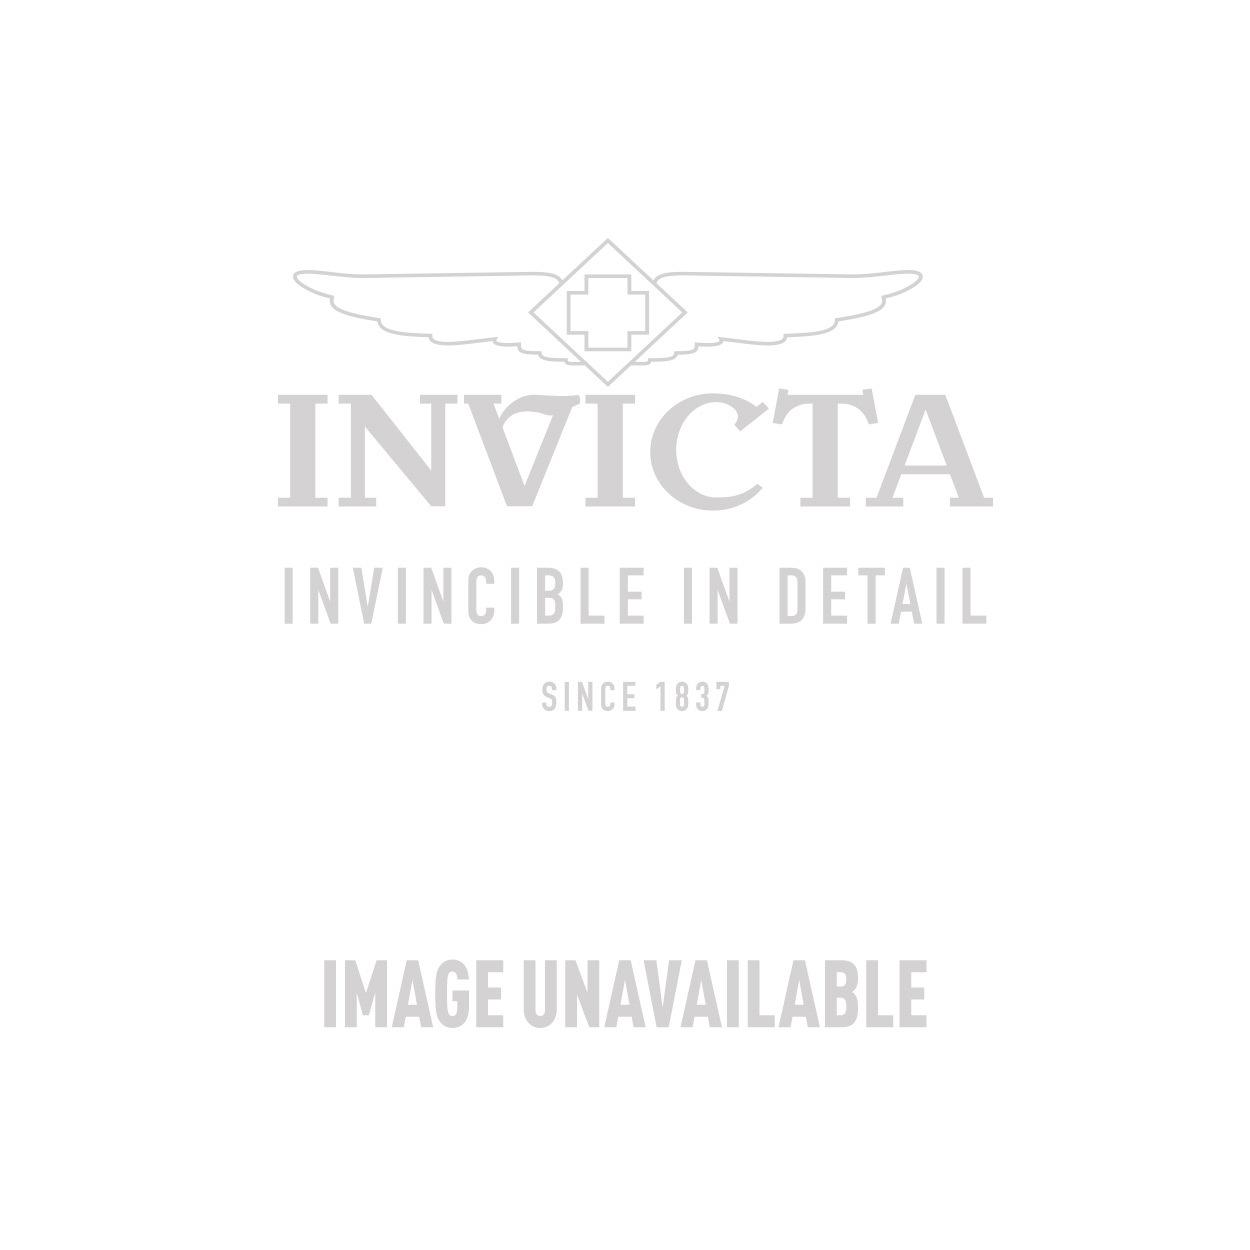 Invicta Model 24690